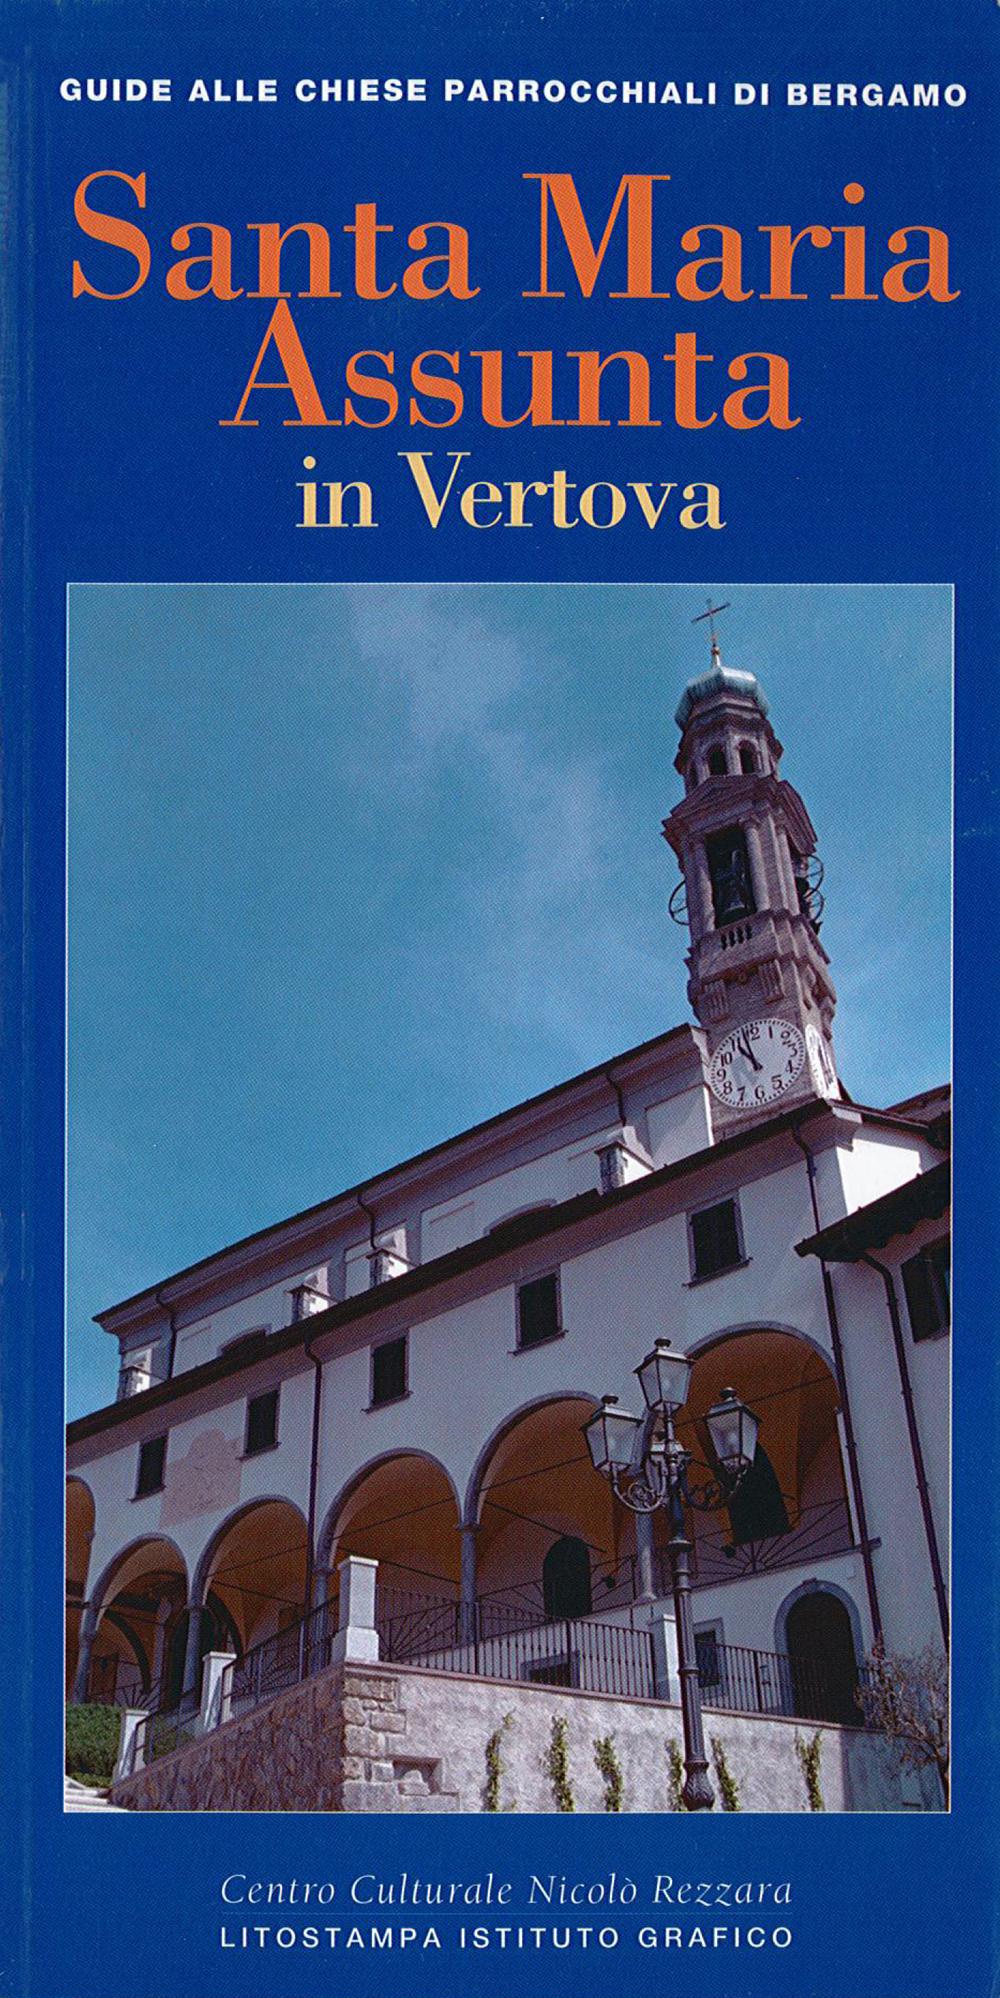 Pubblicazioni - Santa Maria Assunta in Vertova - oberti+oberti   architetti